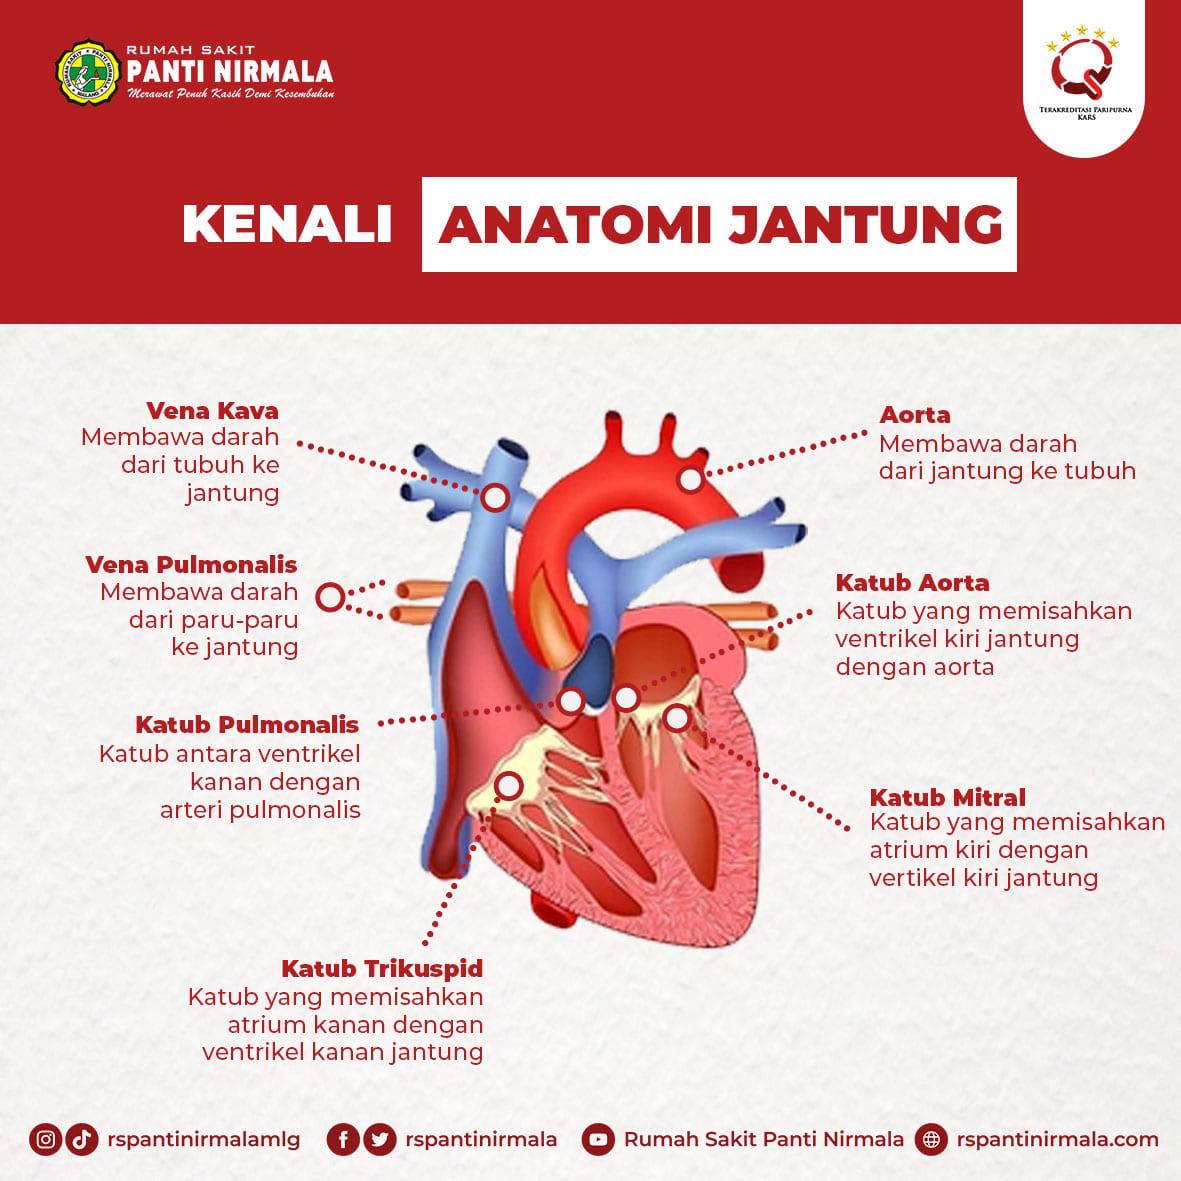 image-yuk-mari-kita-kenali-anatomi-jantung-32